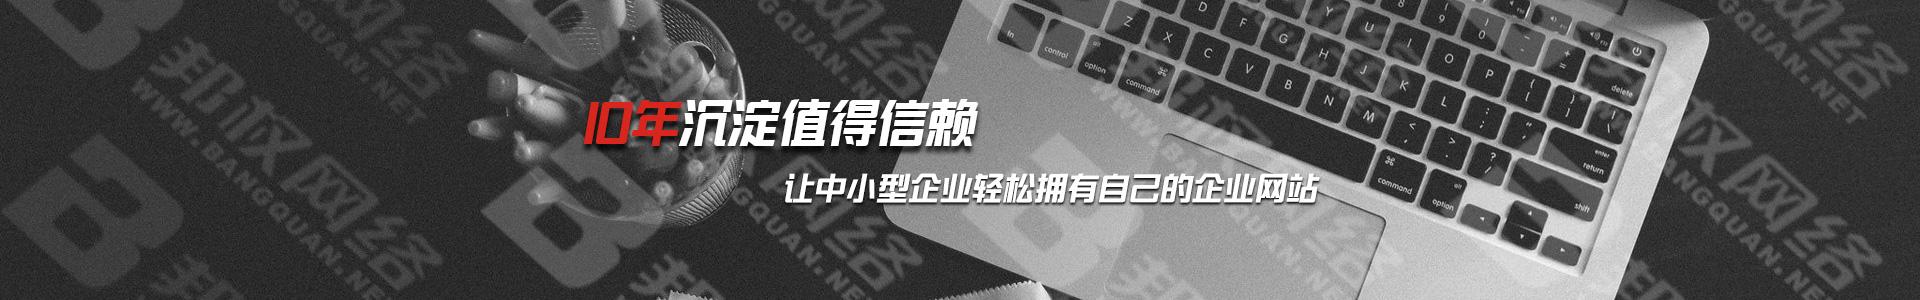 上海网站优化,上海网站建设